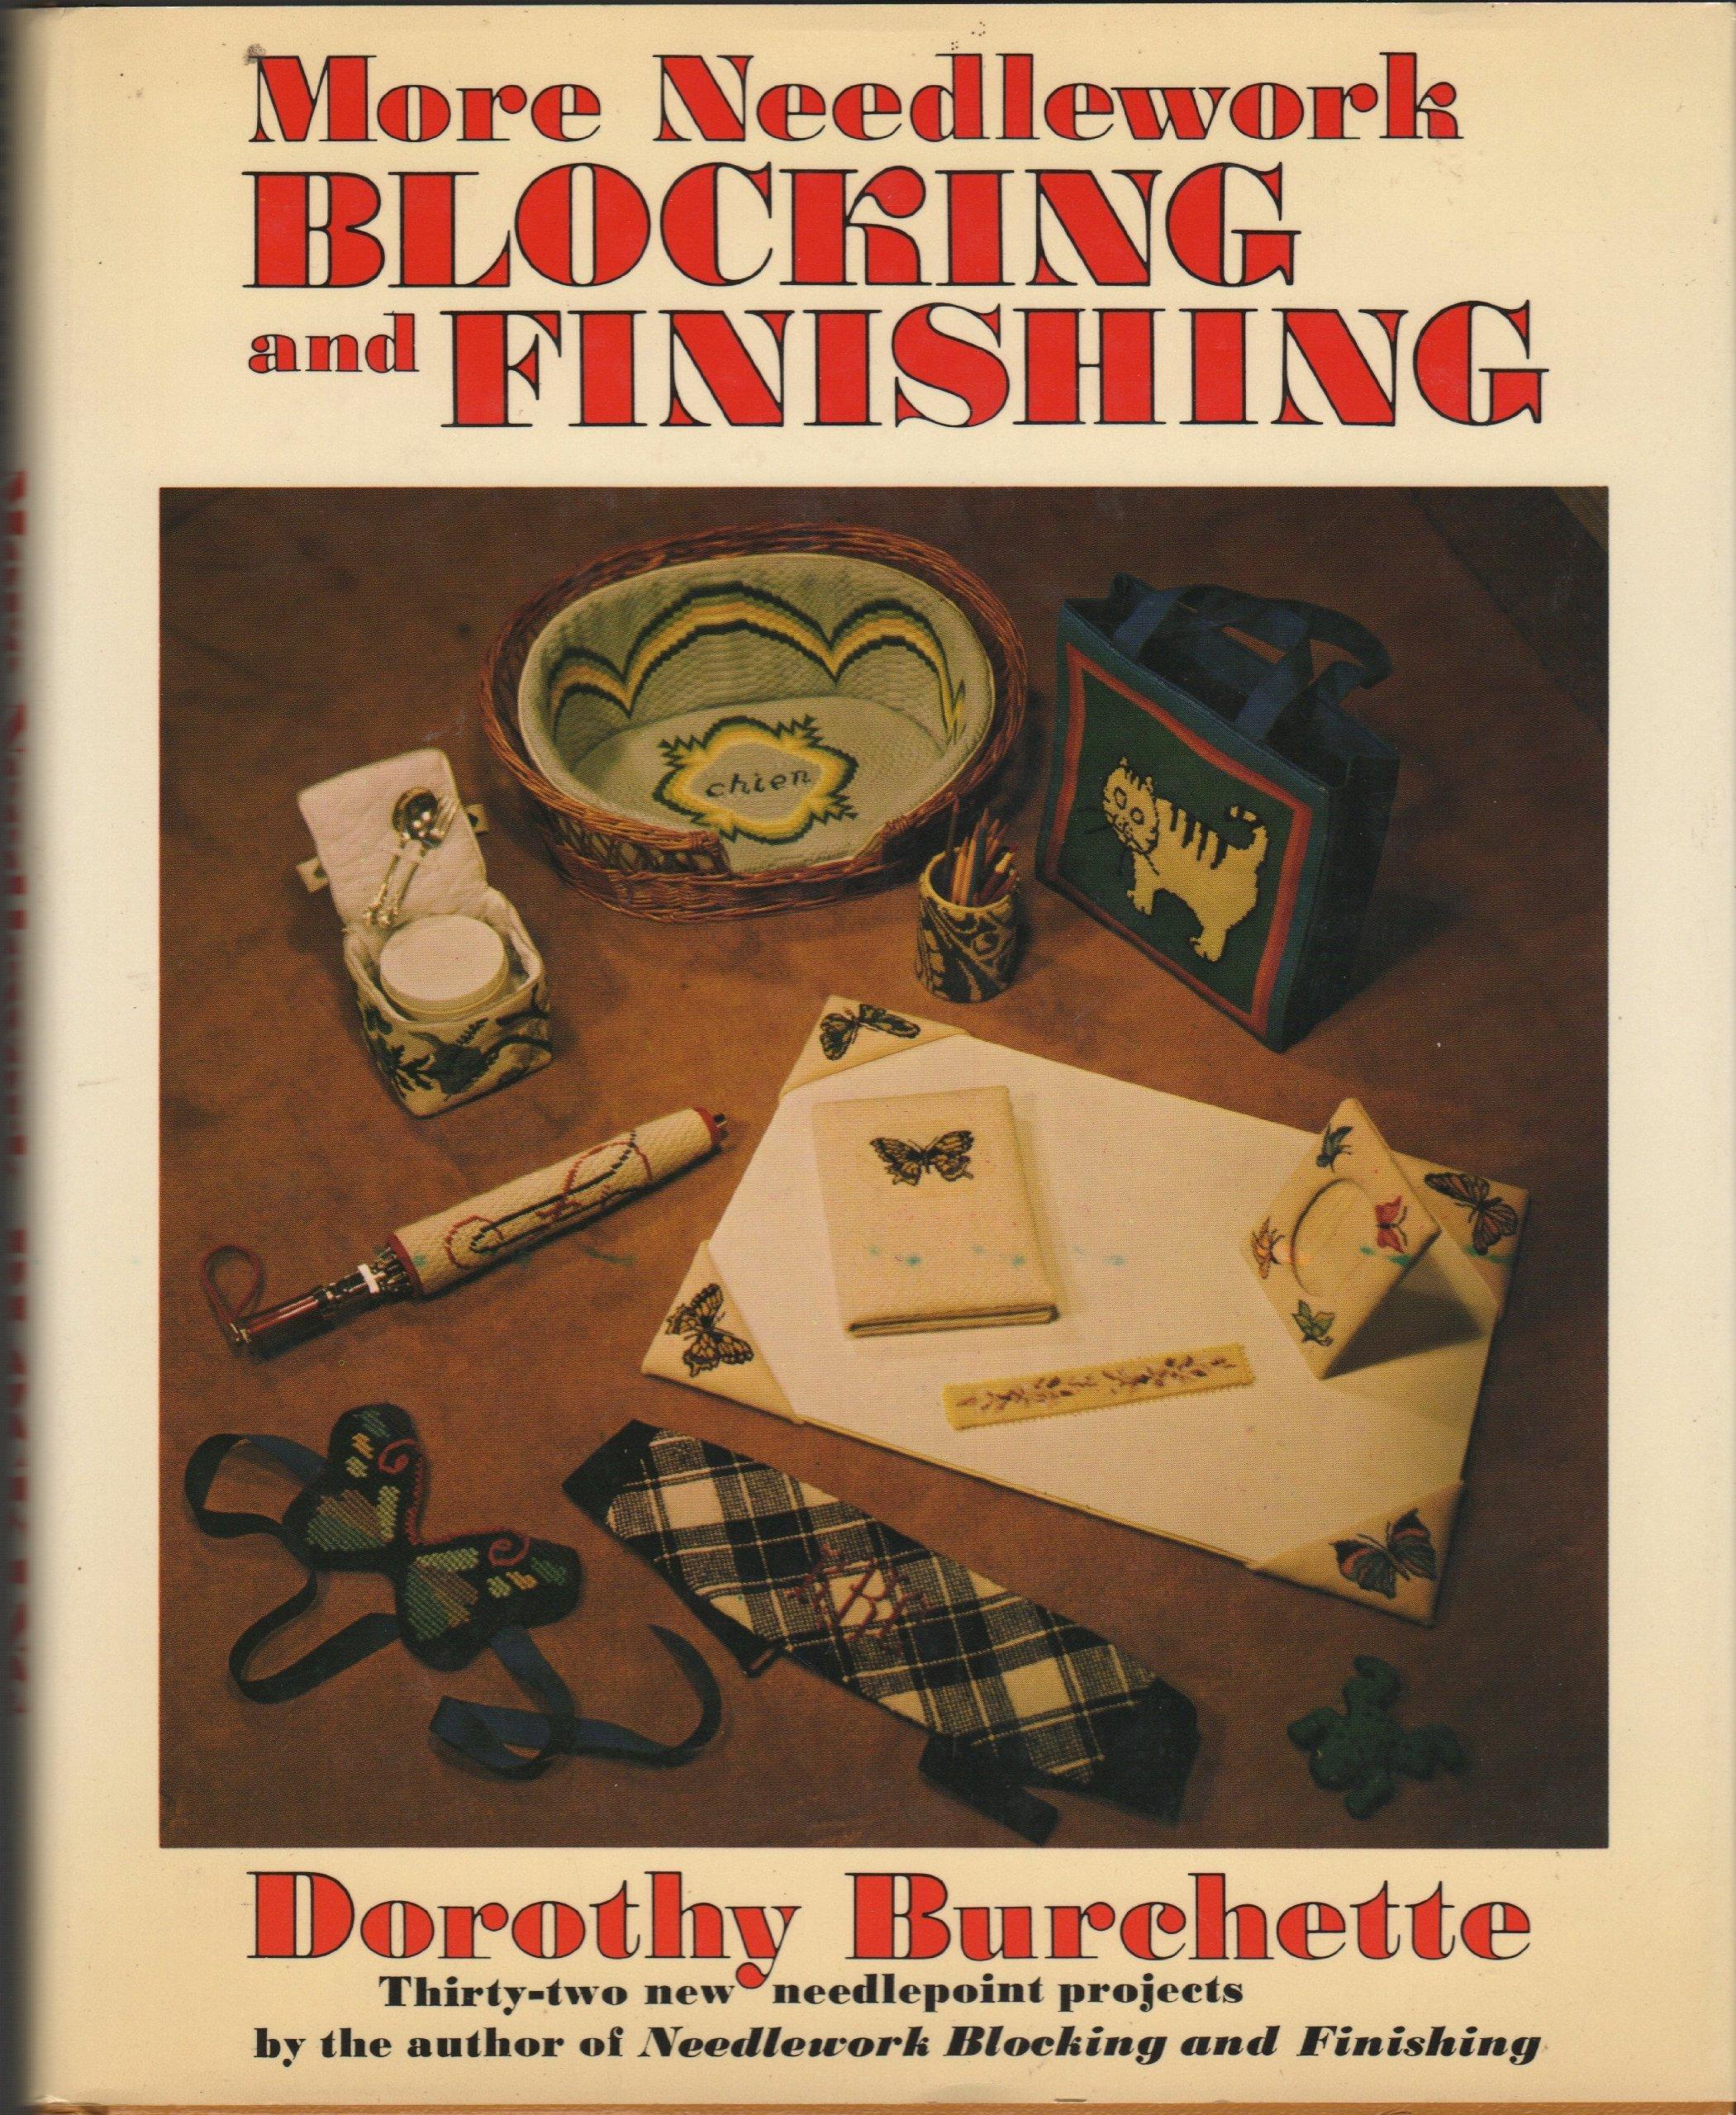 More Needlework Blocking and Finishing